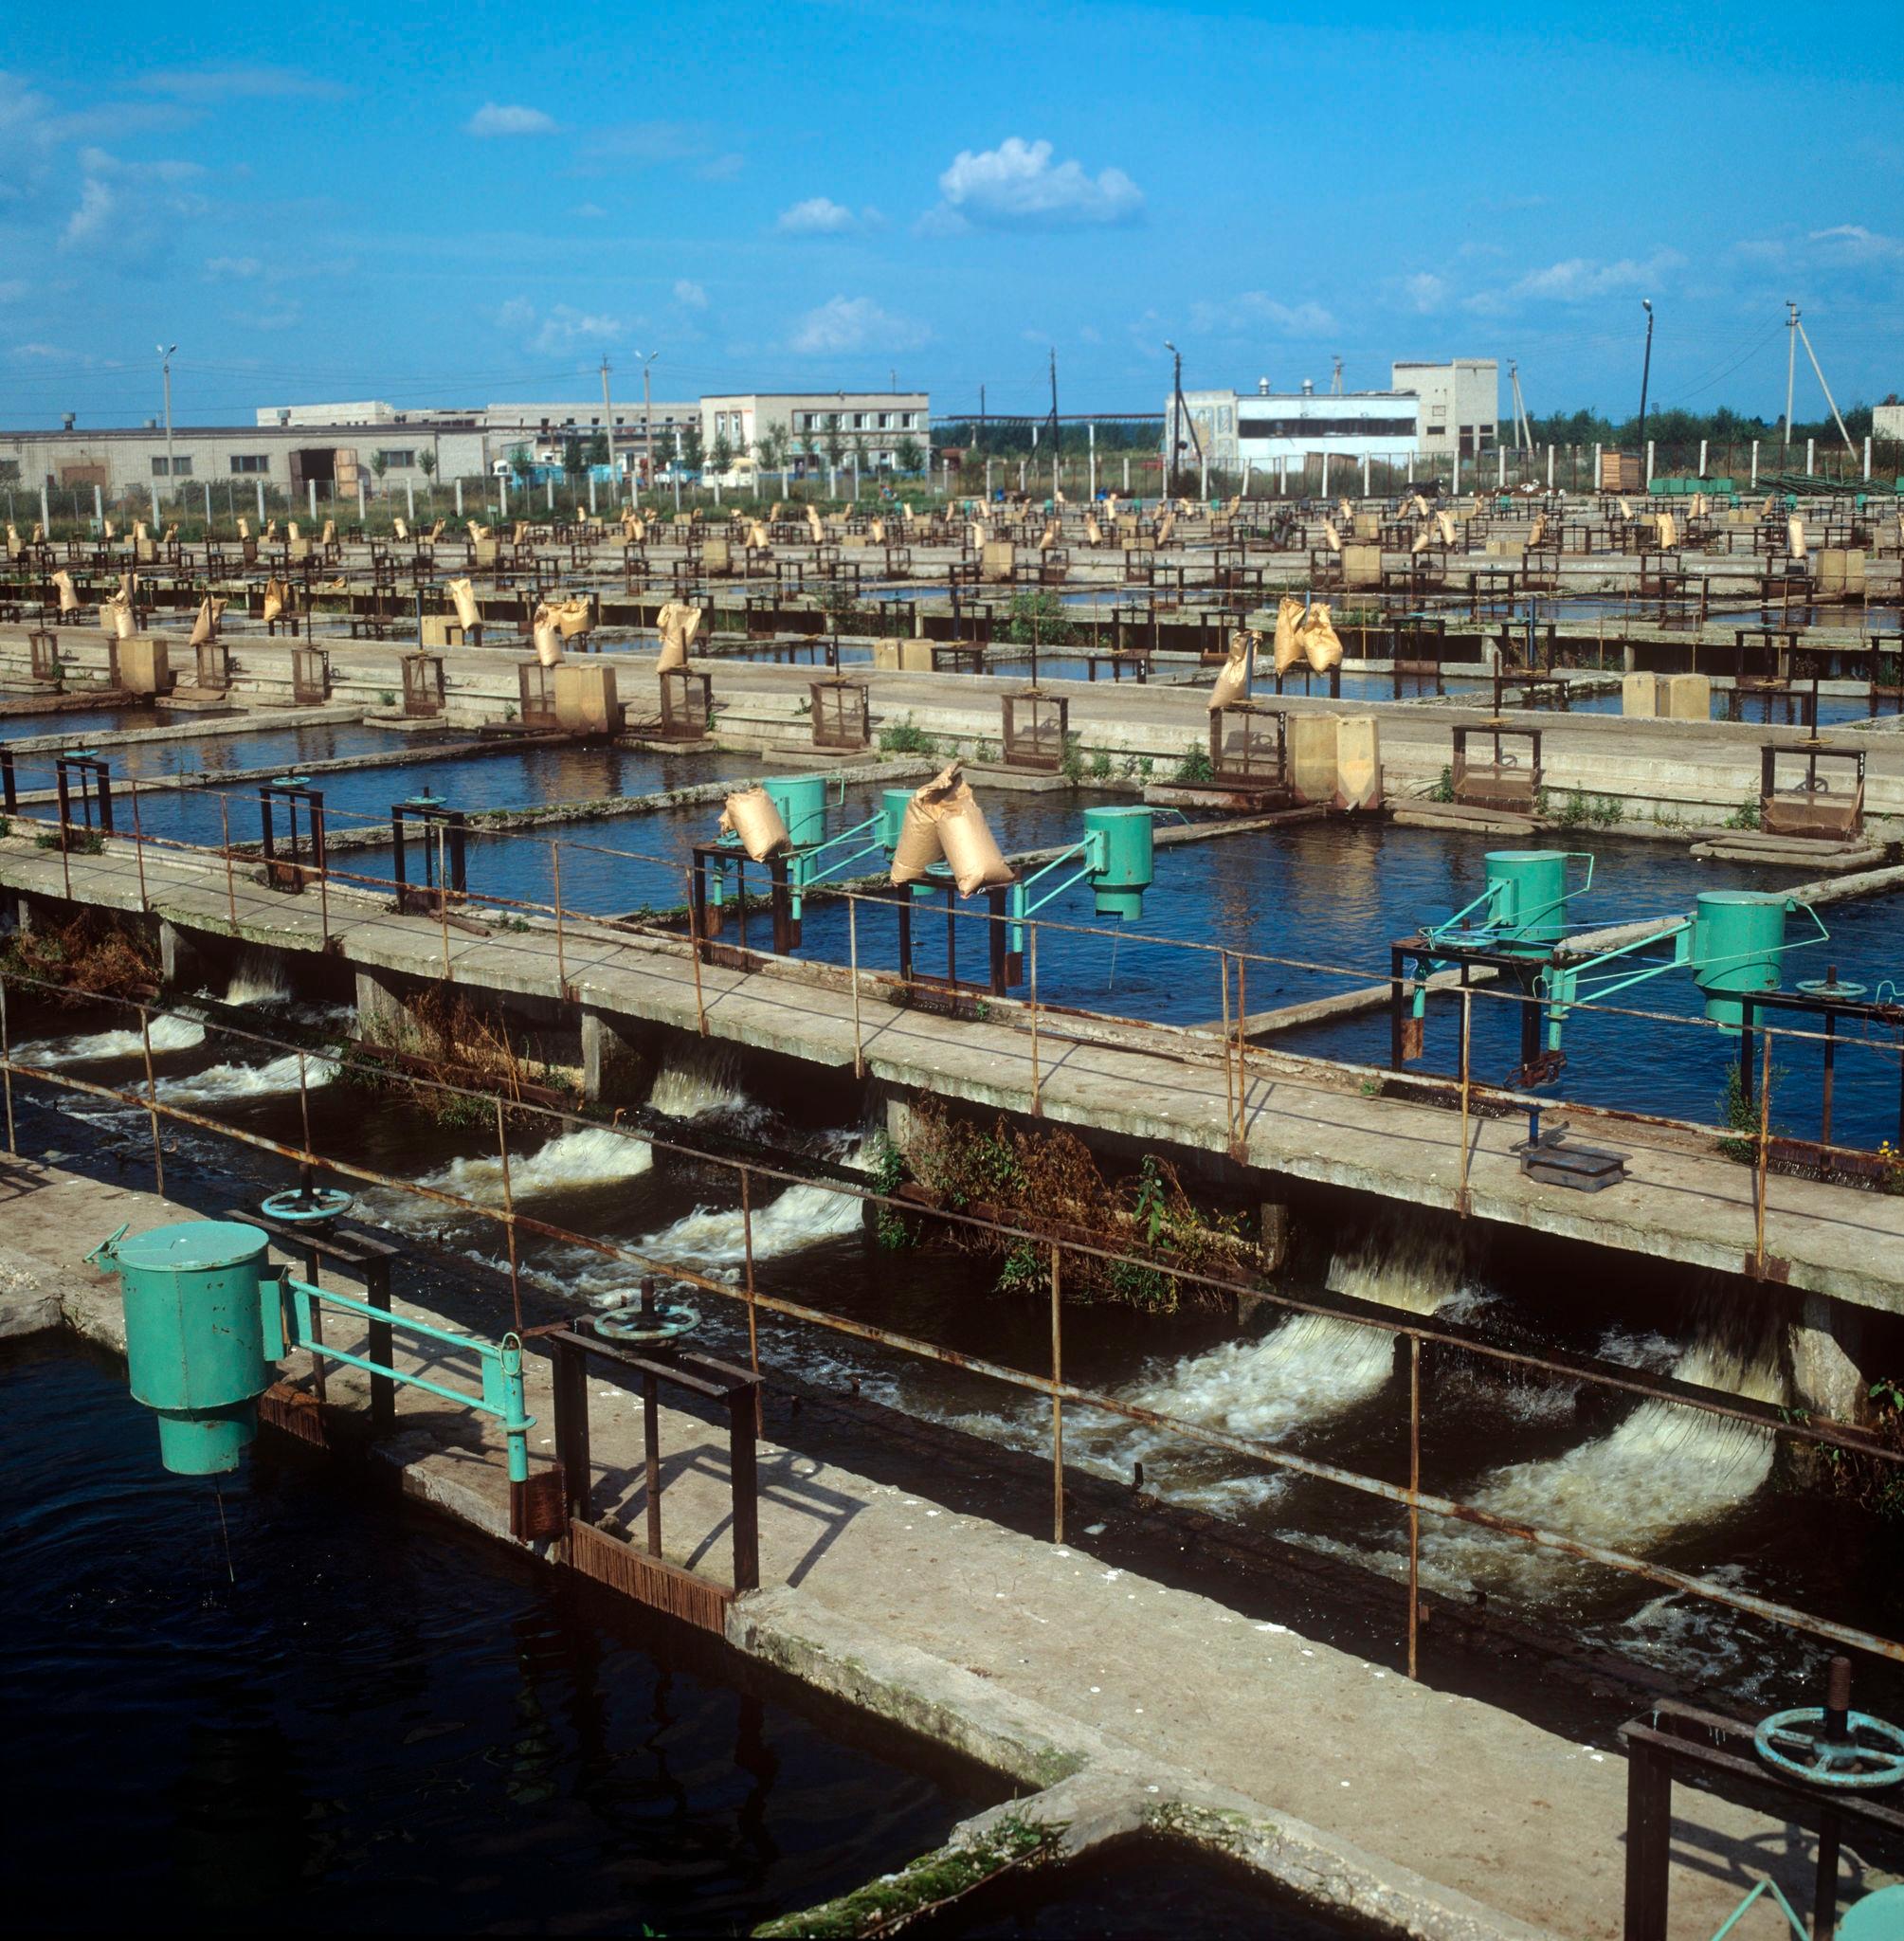 Большеченское рыбоводное хозяйство использует воду ТЭЦ, здесь выращивают карпа, форель, осетра